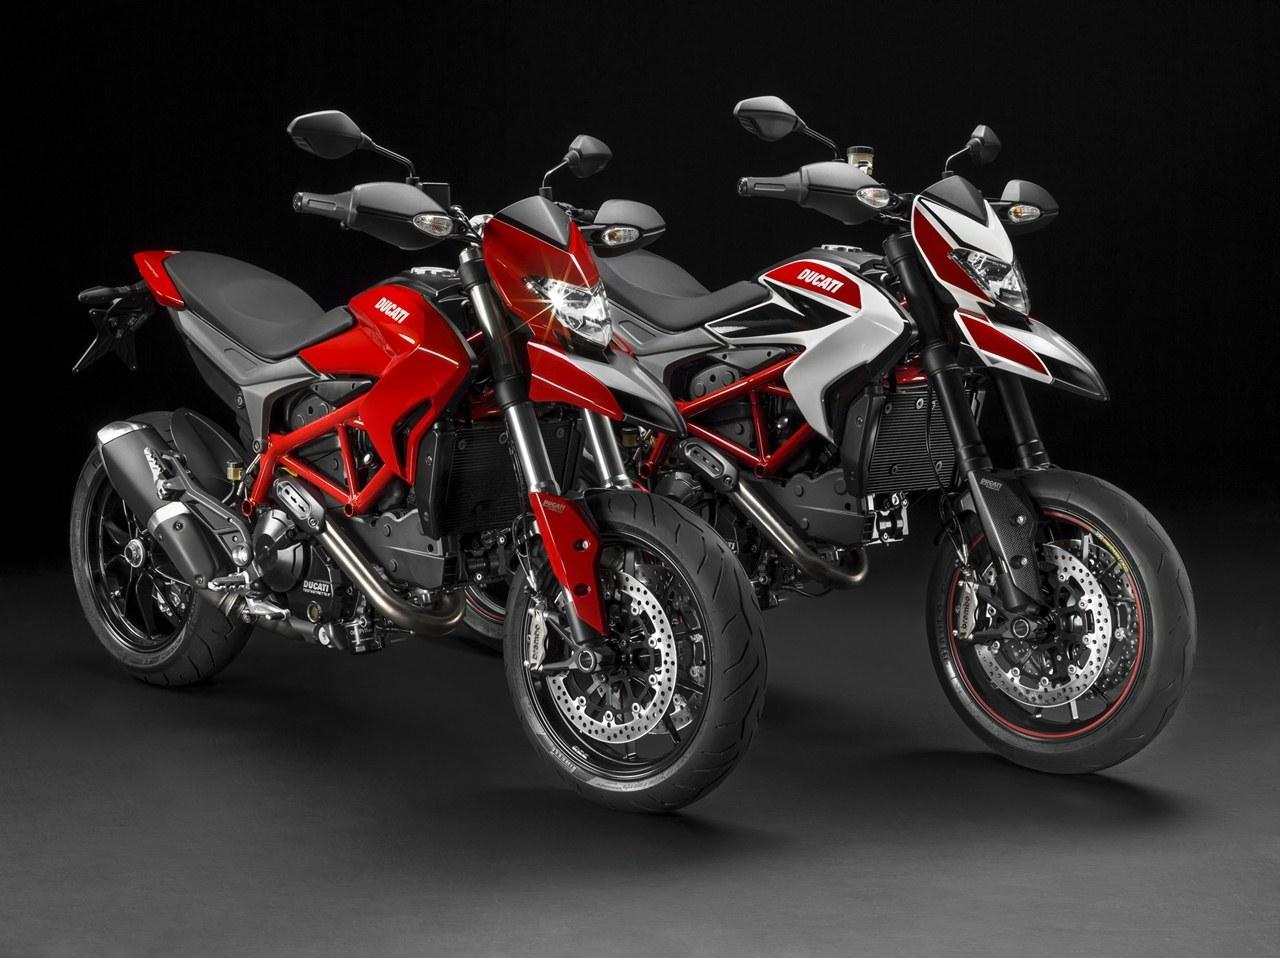 Foto de Ducati Hypermotard, Hypermotard SP e Hyperstrada (15/19)